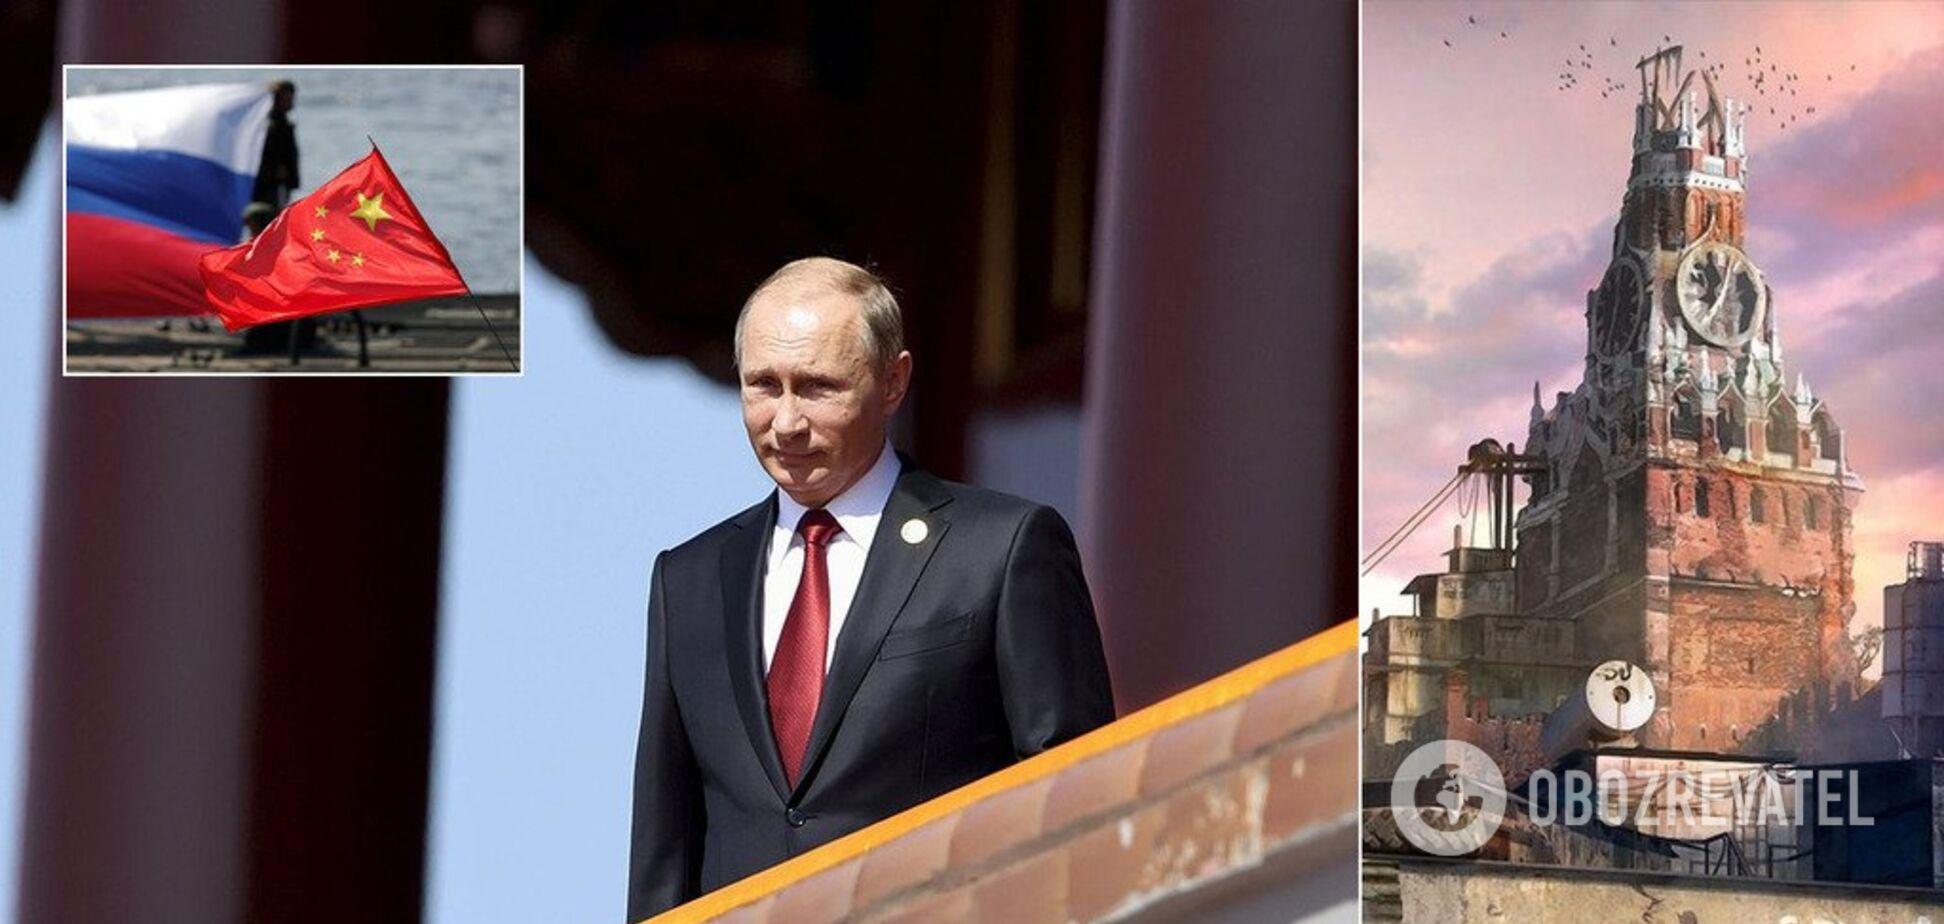 Москва полнится слухами, что Путина нет в живых – Саша Сотник